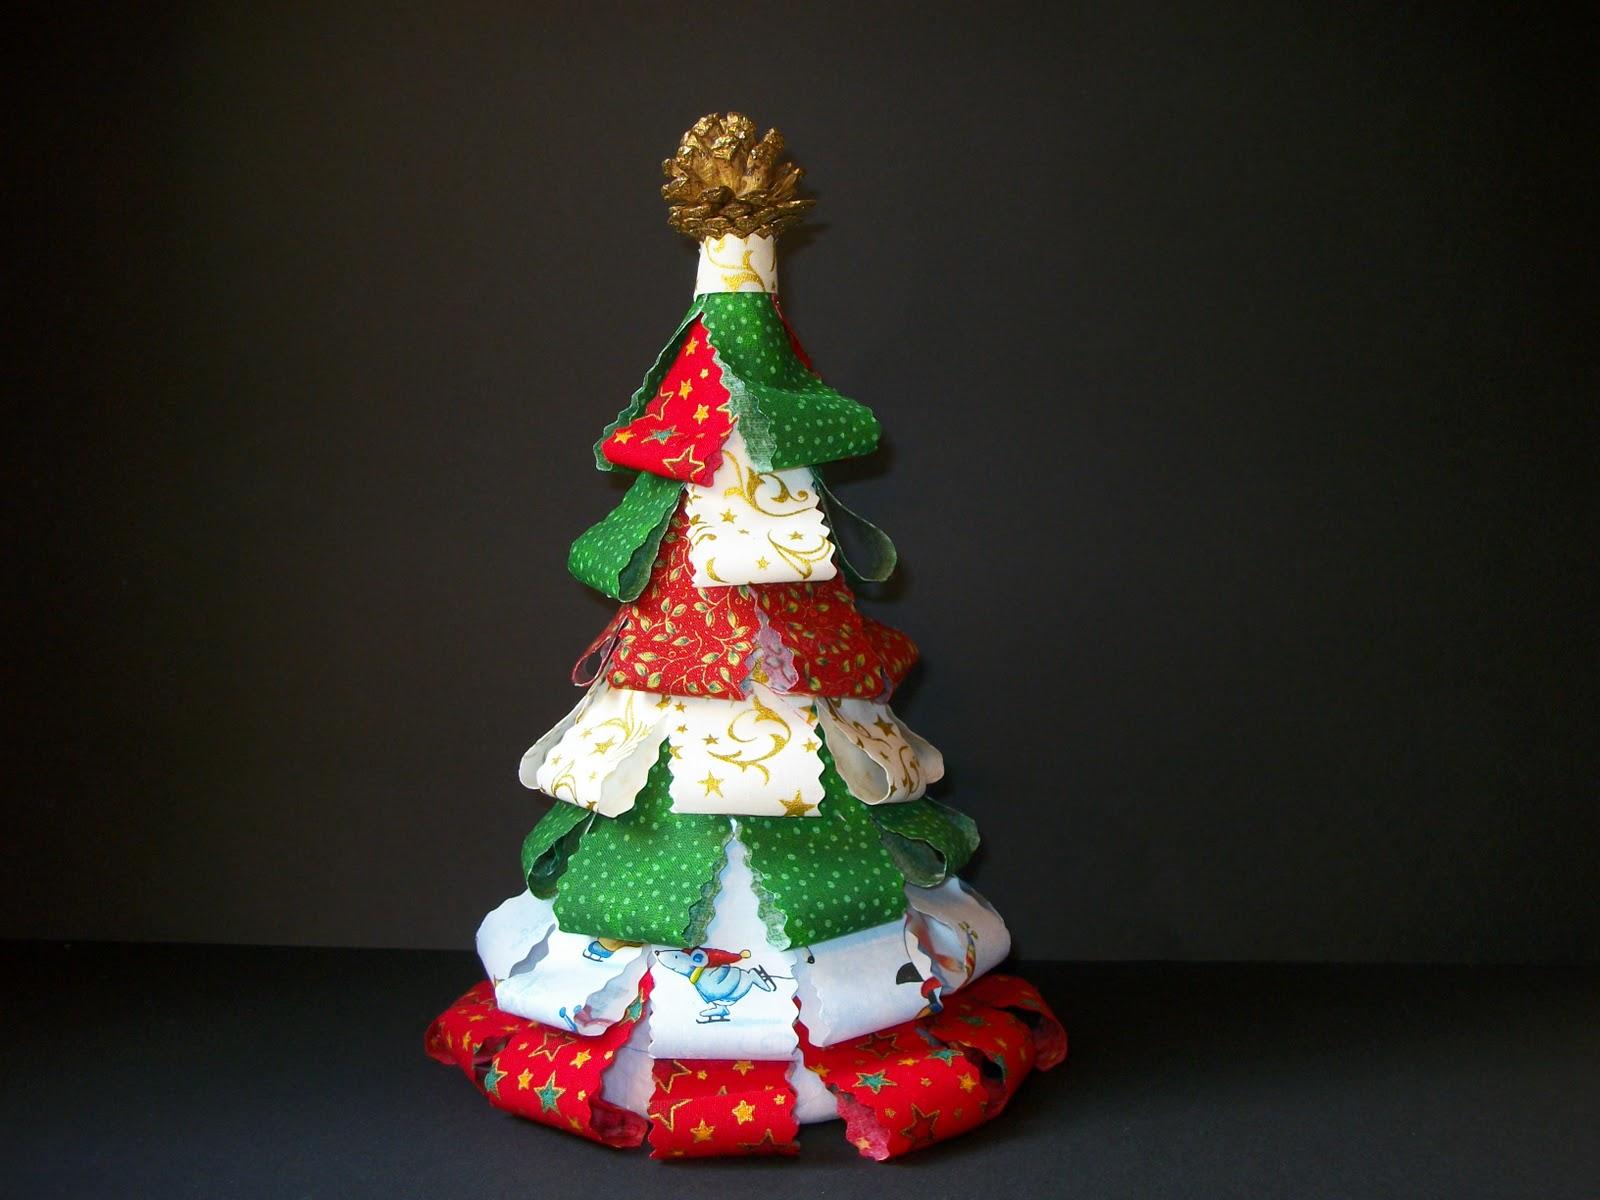 Las labores de la abuela kiki arbol de navidad - Arbol de navidad tela ...